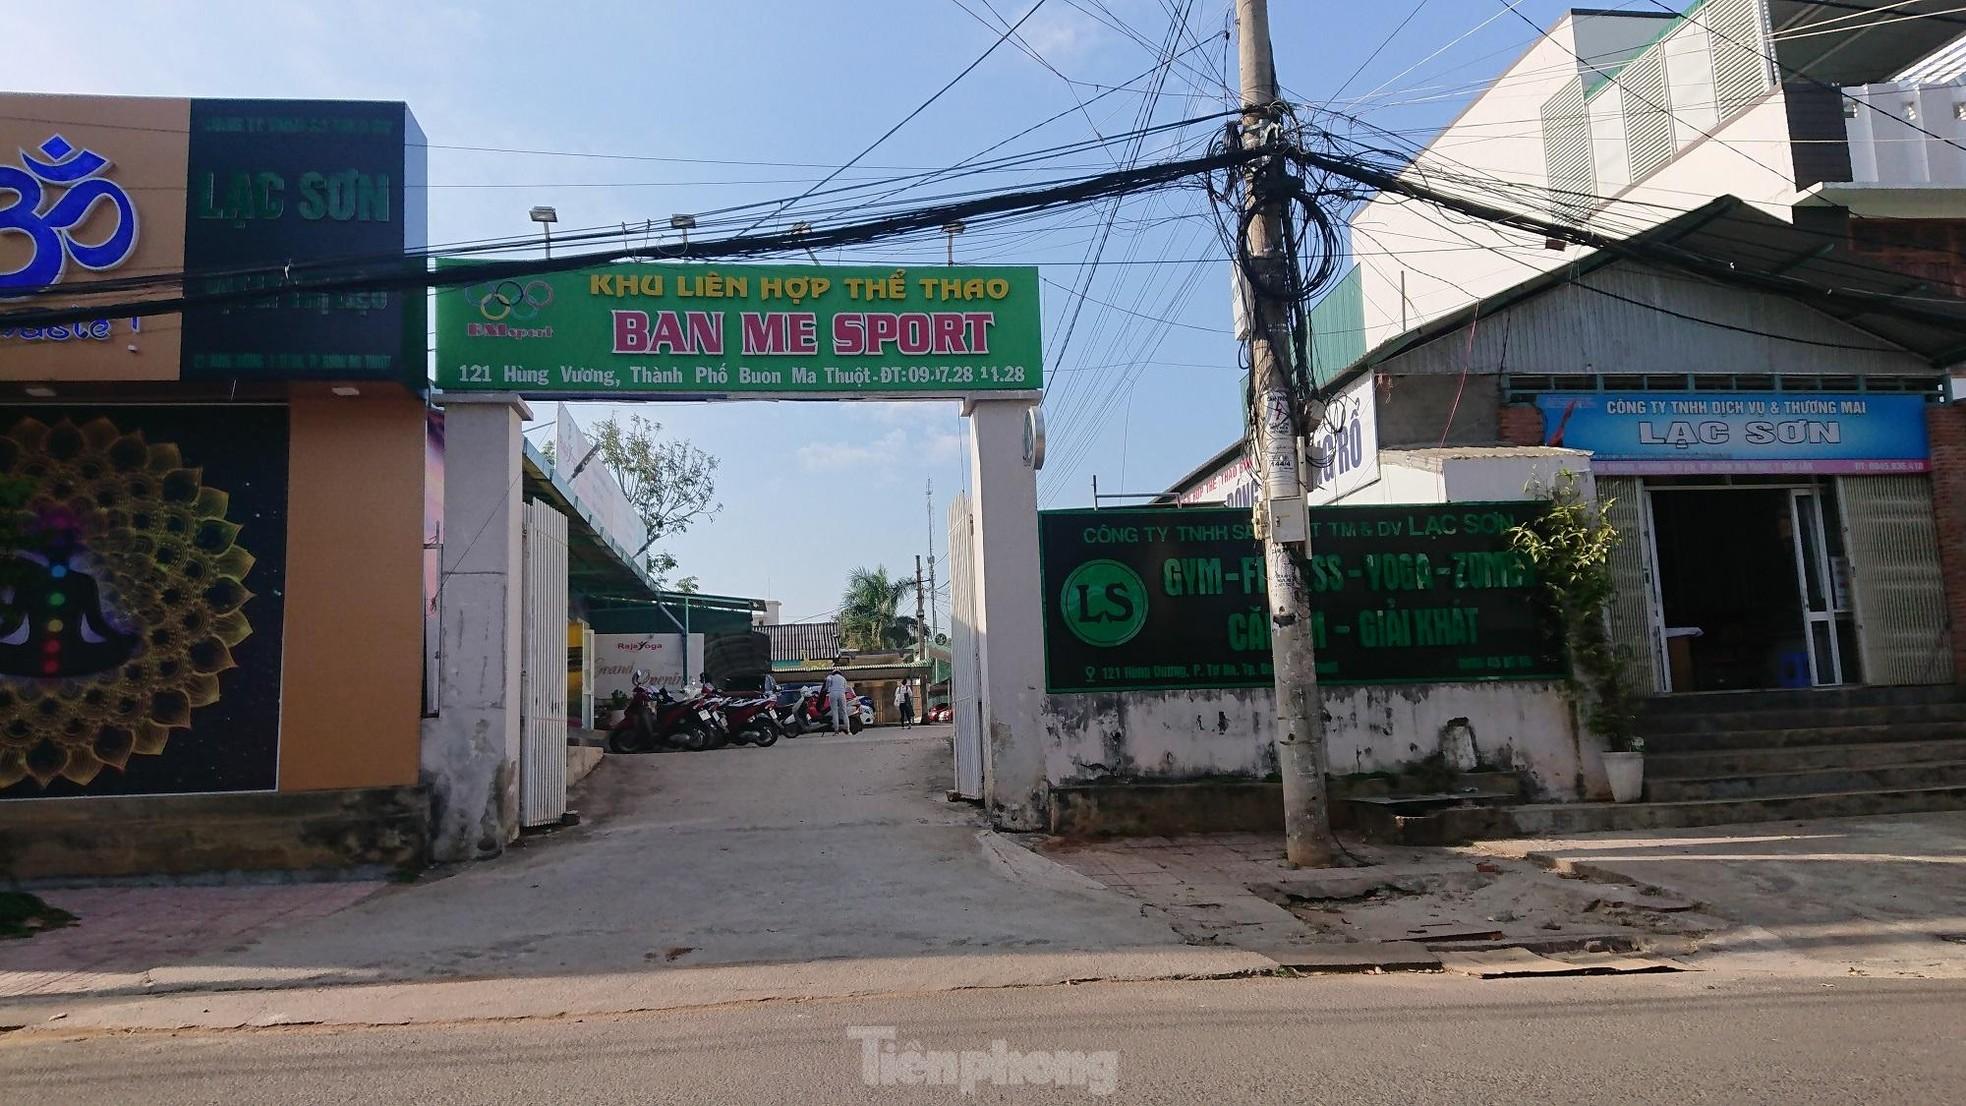 Cận cảnh hàng loạt đất công cho thuê trái phép ở Đắk Lắk ảnh 12